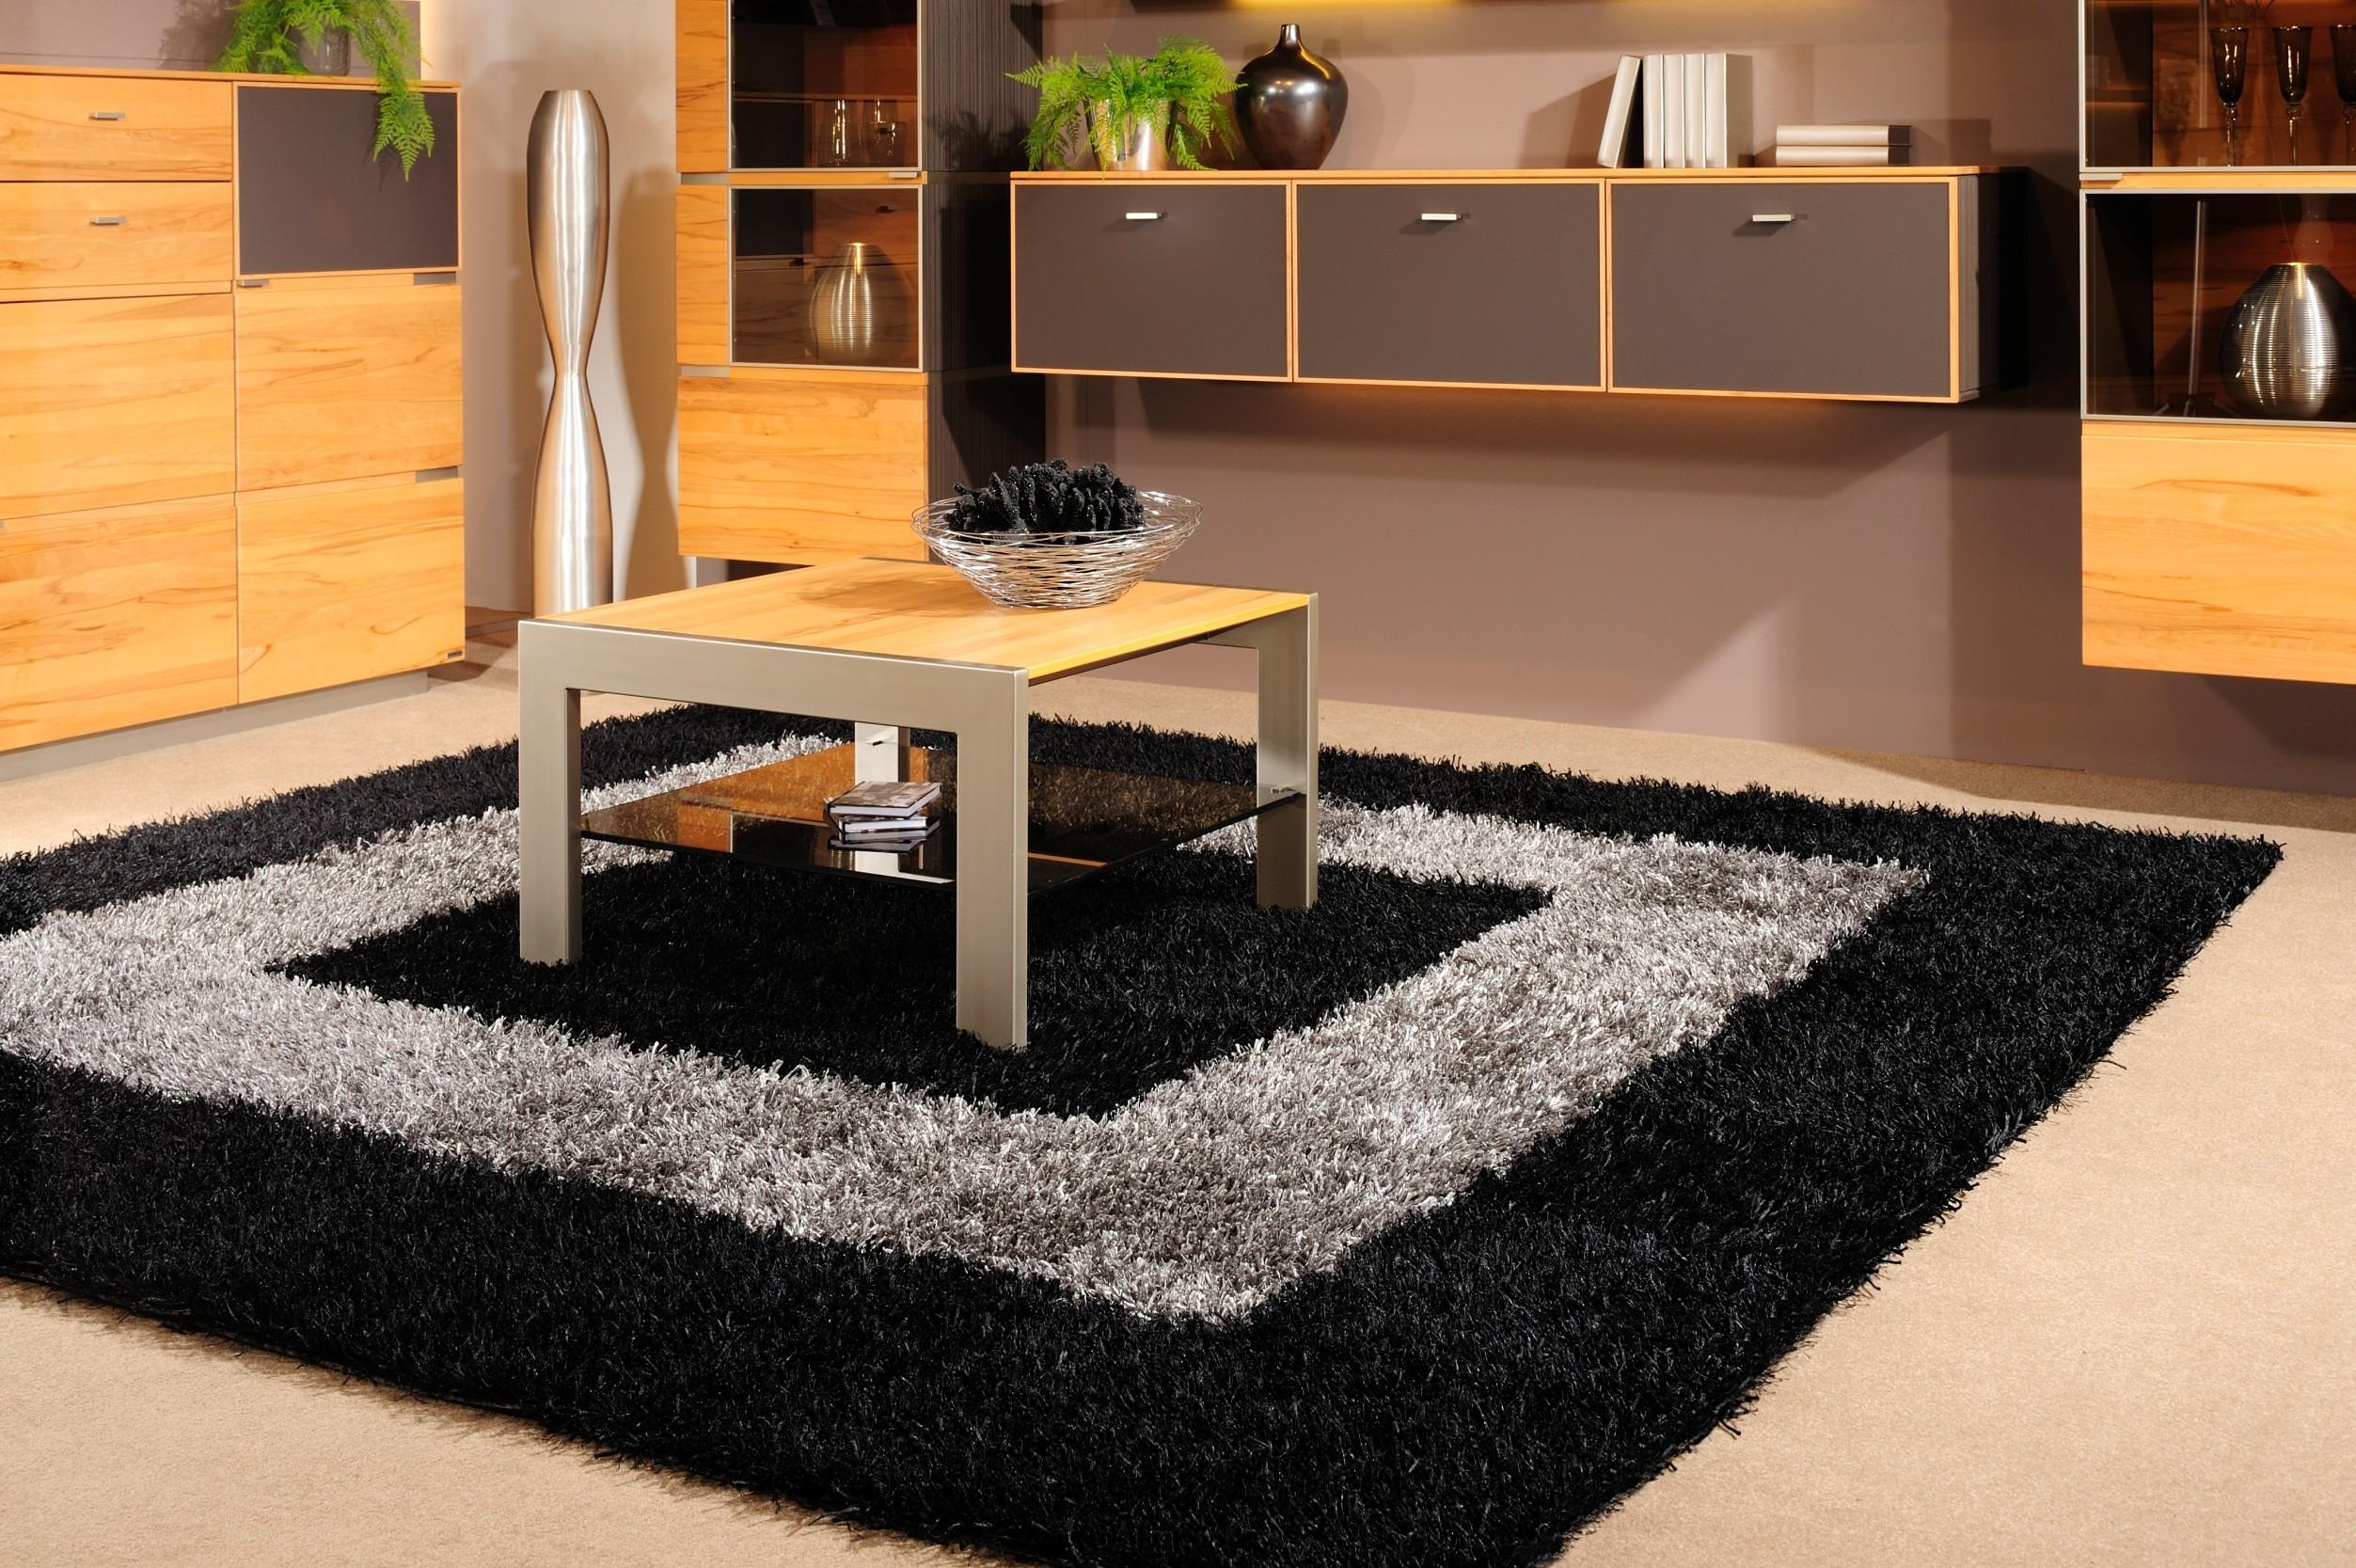 Teppich Al Mano Beispiel: schwarz-graues Muster im Quadrat mit Couchtisch aus Holz